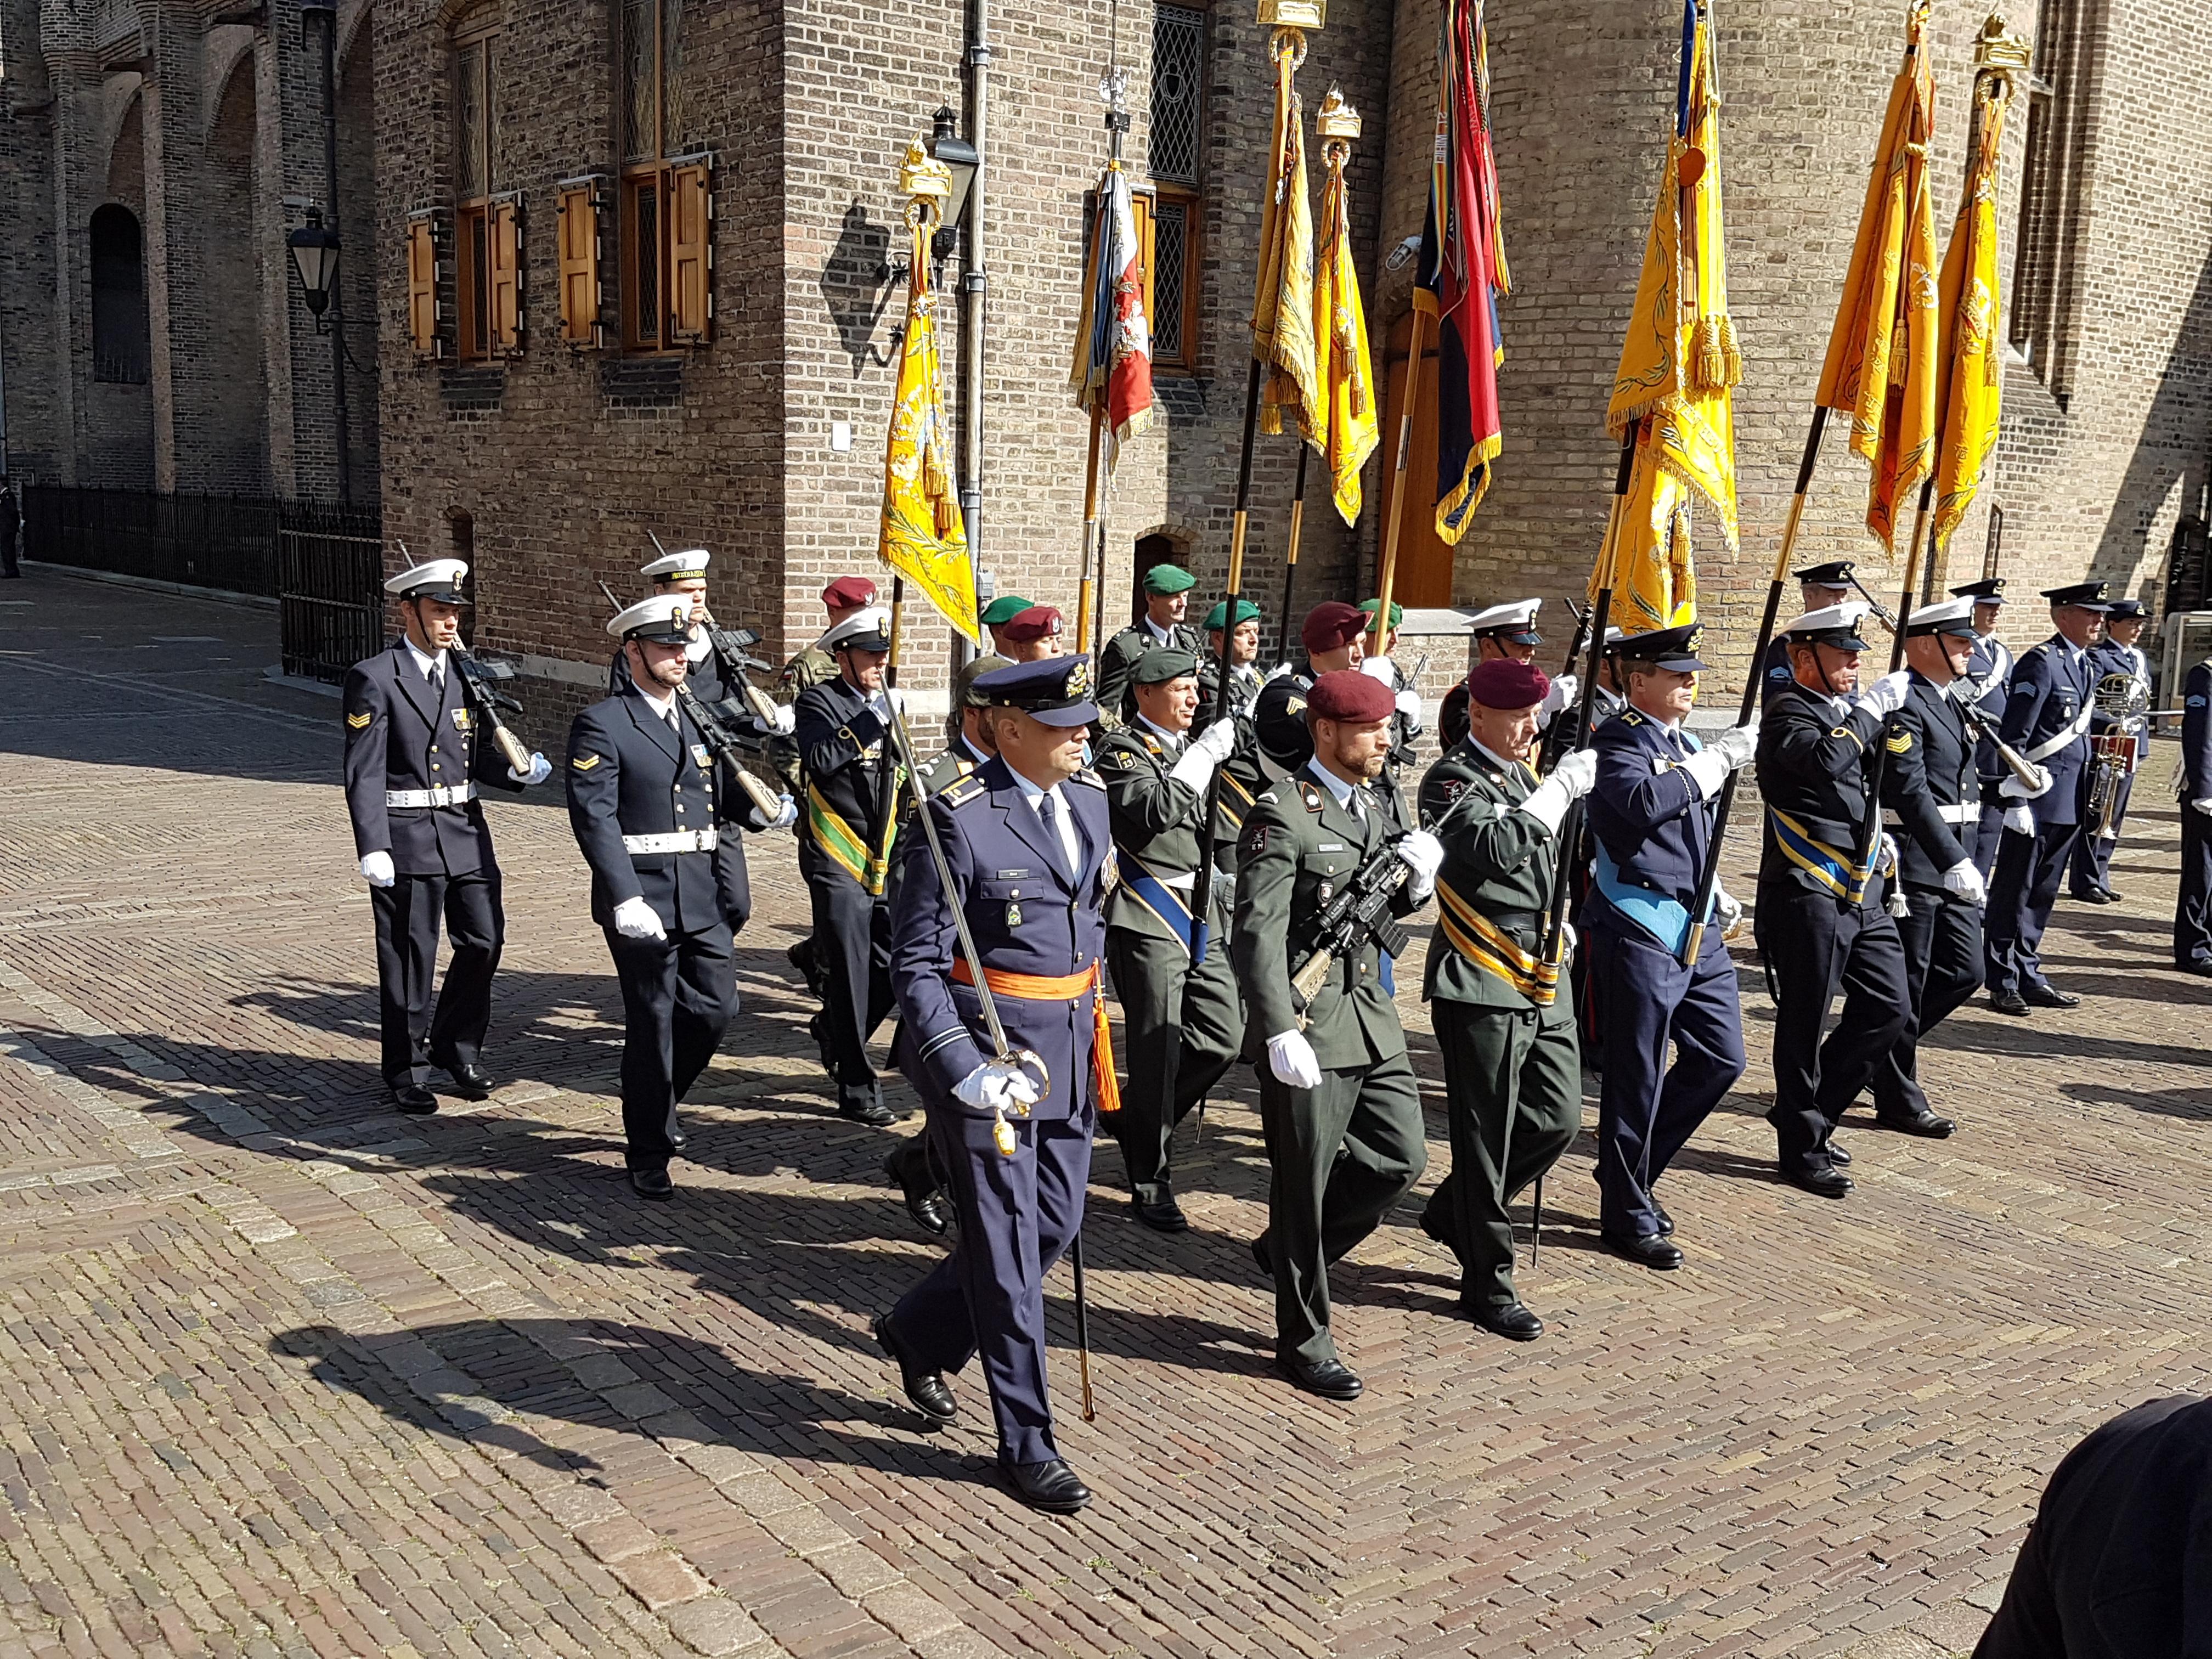 De vaandels van de onderdelen die een Militaire Willems-Orde hebben ontvangen